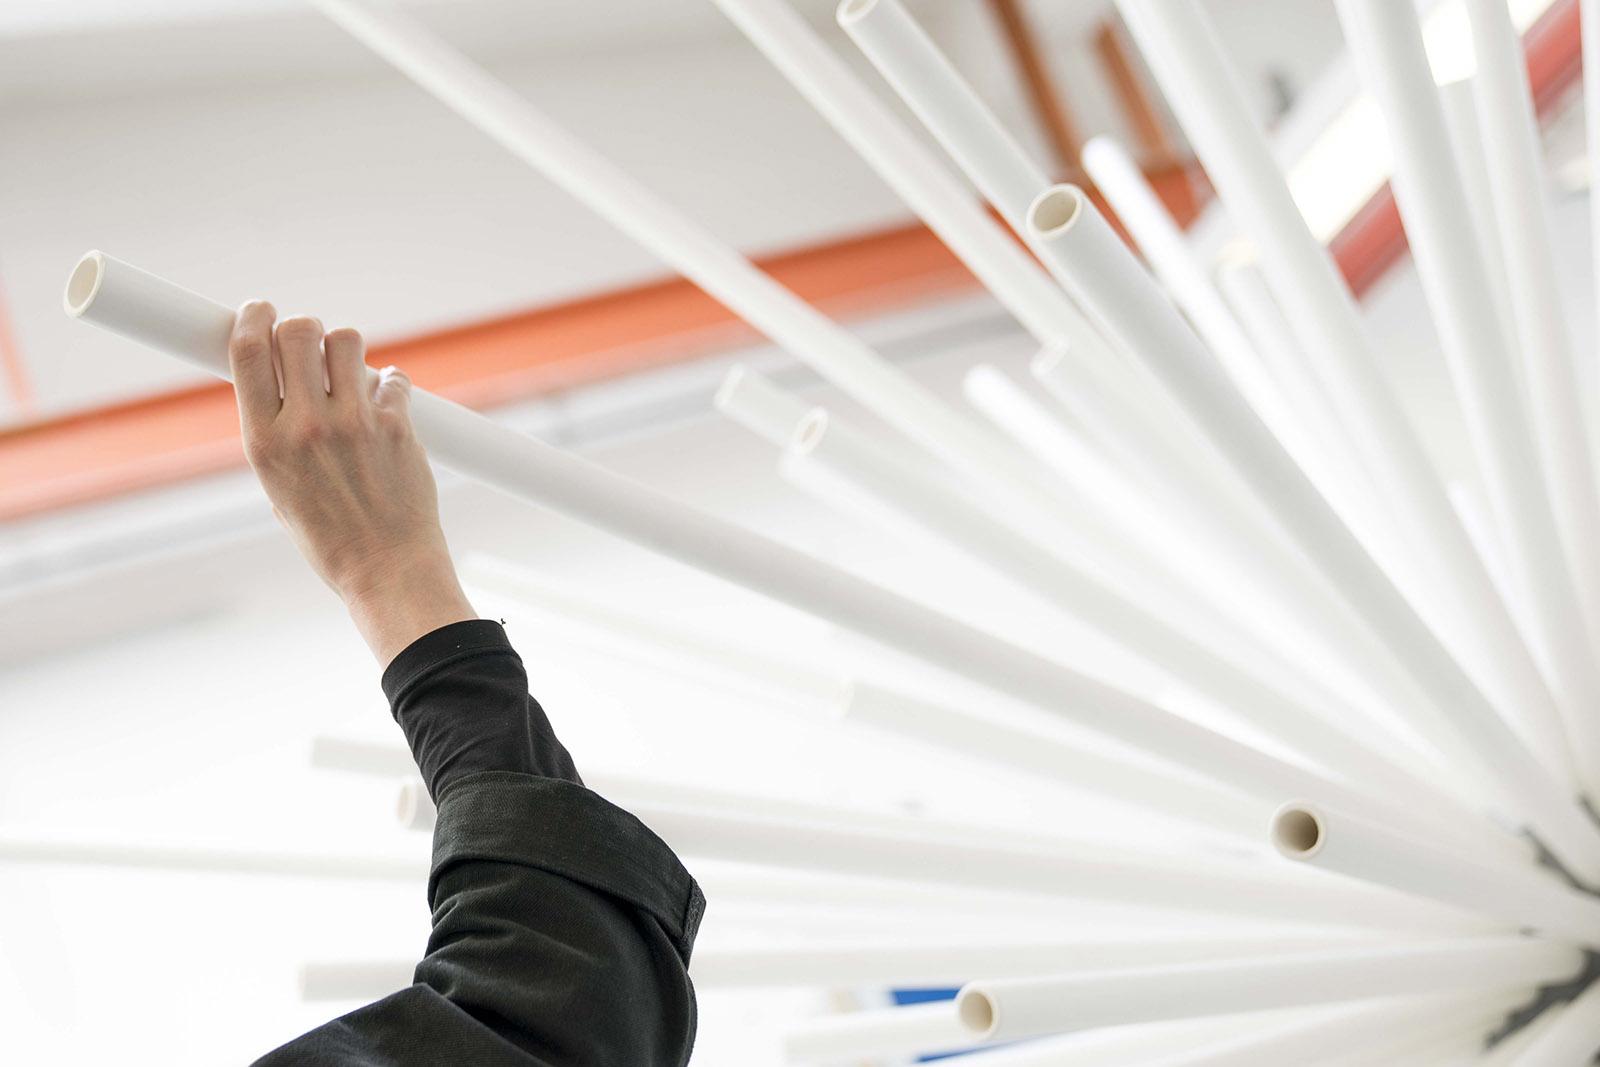 Detailansicht der weißen Keramiktubes des Projekts N186 von LOVE architects für die Biennale in Venedig